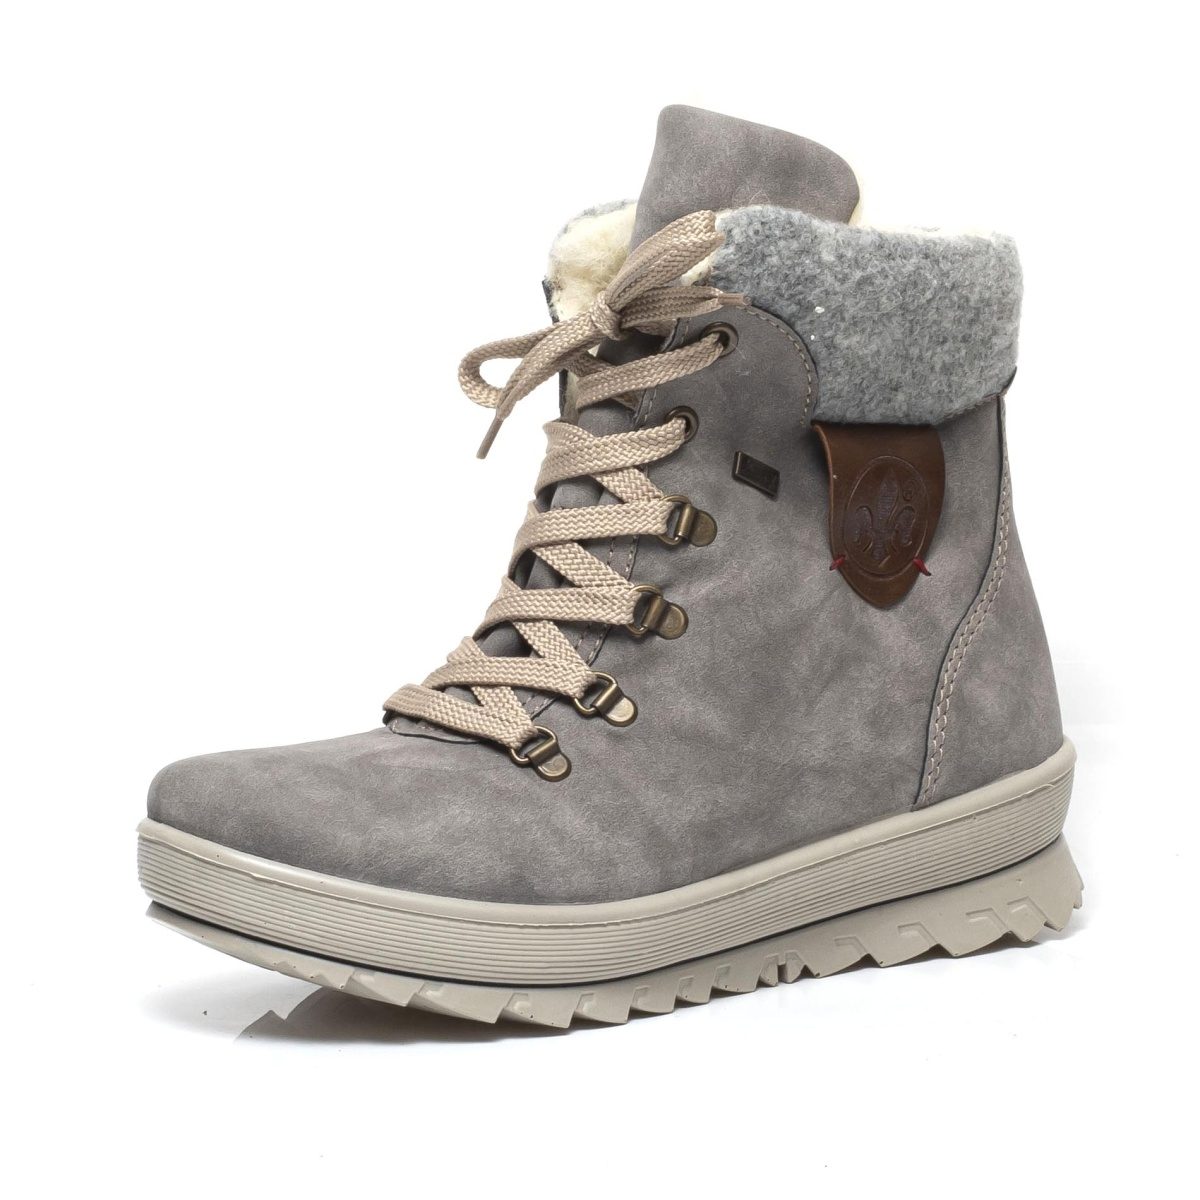 0ad98c3e7 Dámska obuv RIEKER Y4331/40 GRAU KOMBI H/W 8 | Rieker